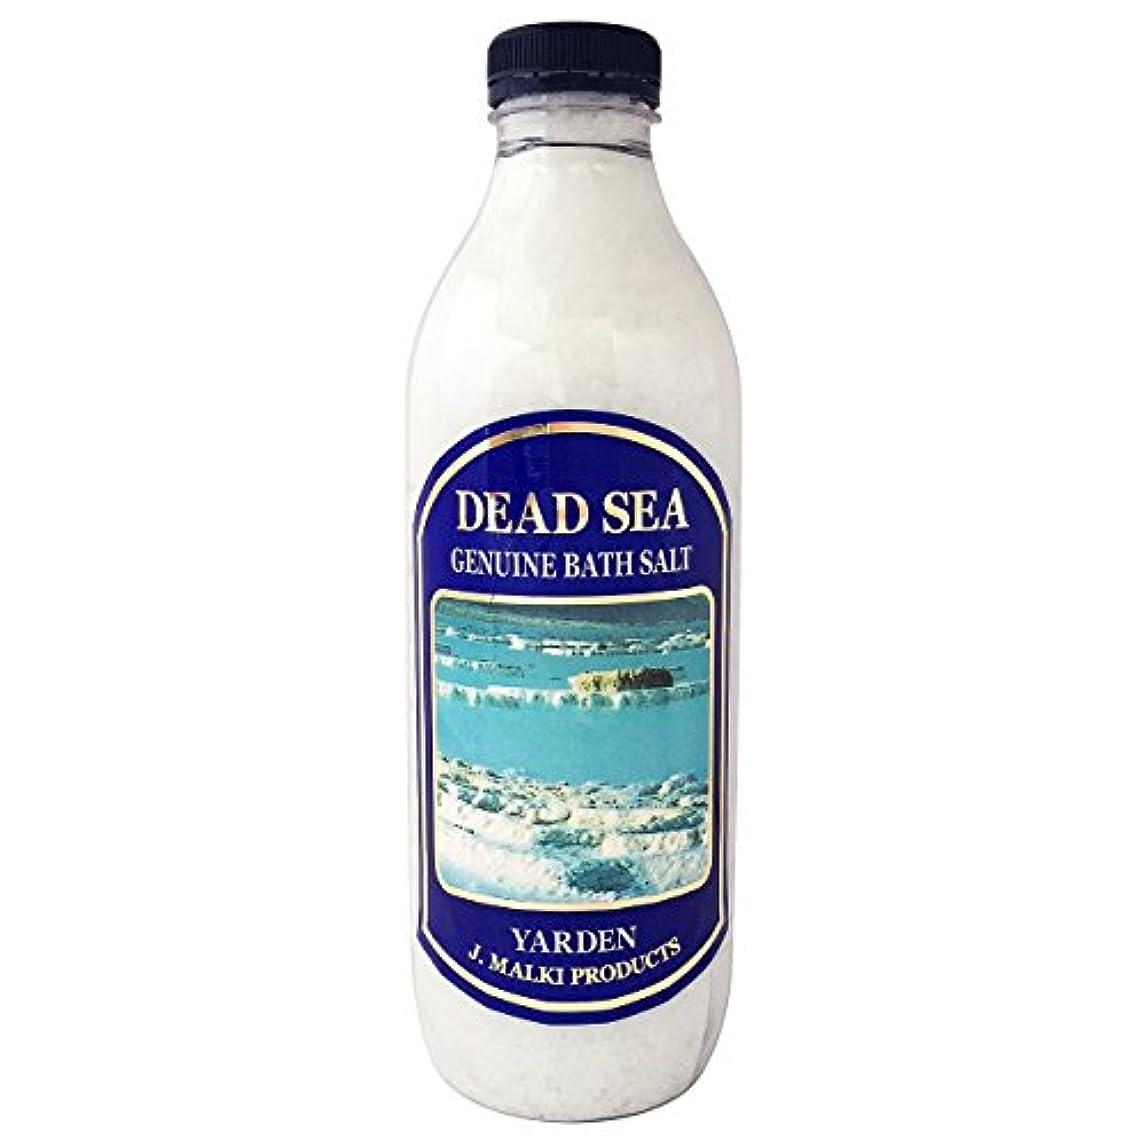 領事館検査官置き場デッドシー?バスソルト 1kg(約10回分)【DEAD SEA BATH SALT】死海の塩/入浴剤(入浴用化粧品)